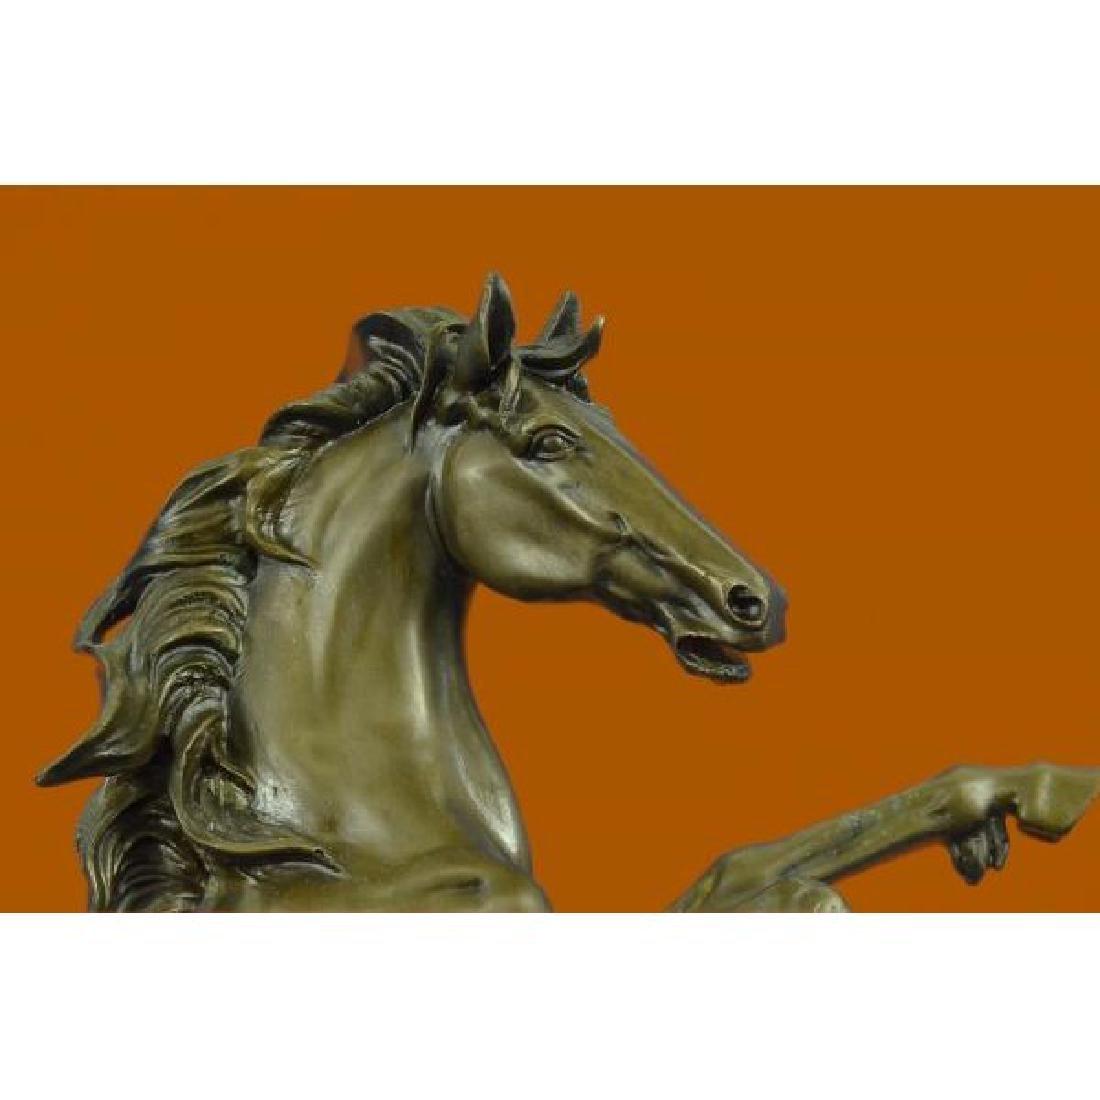 Rearing Wild Stallion Horse Bronze Statue - 5